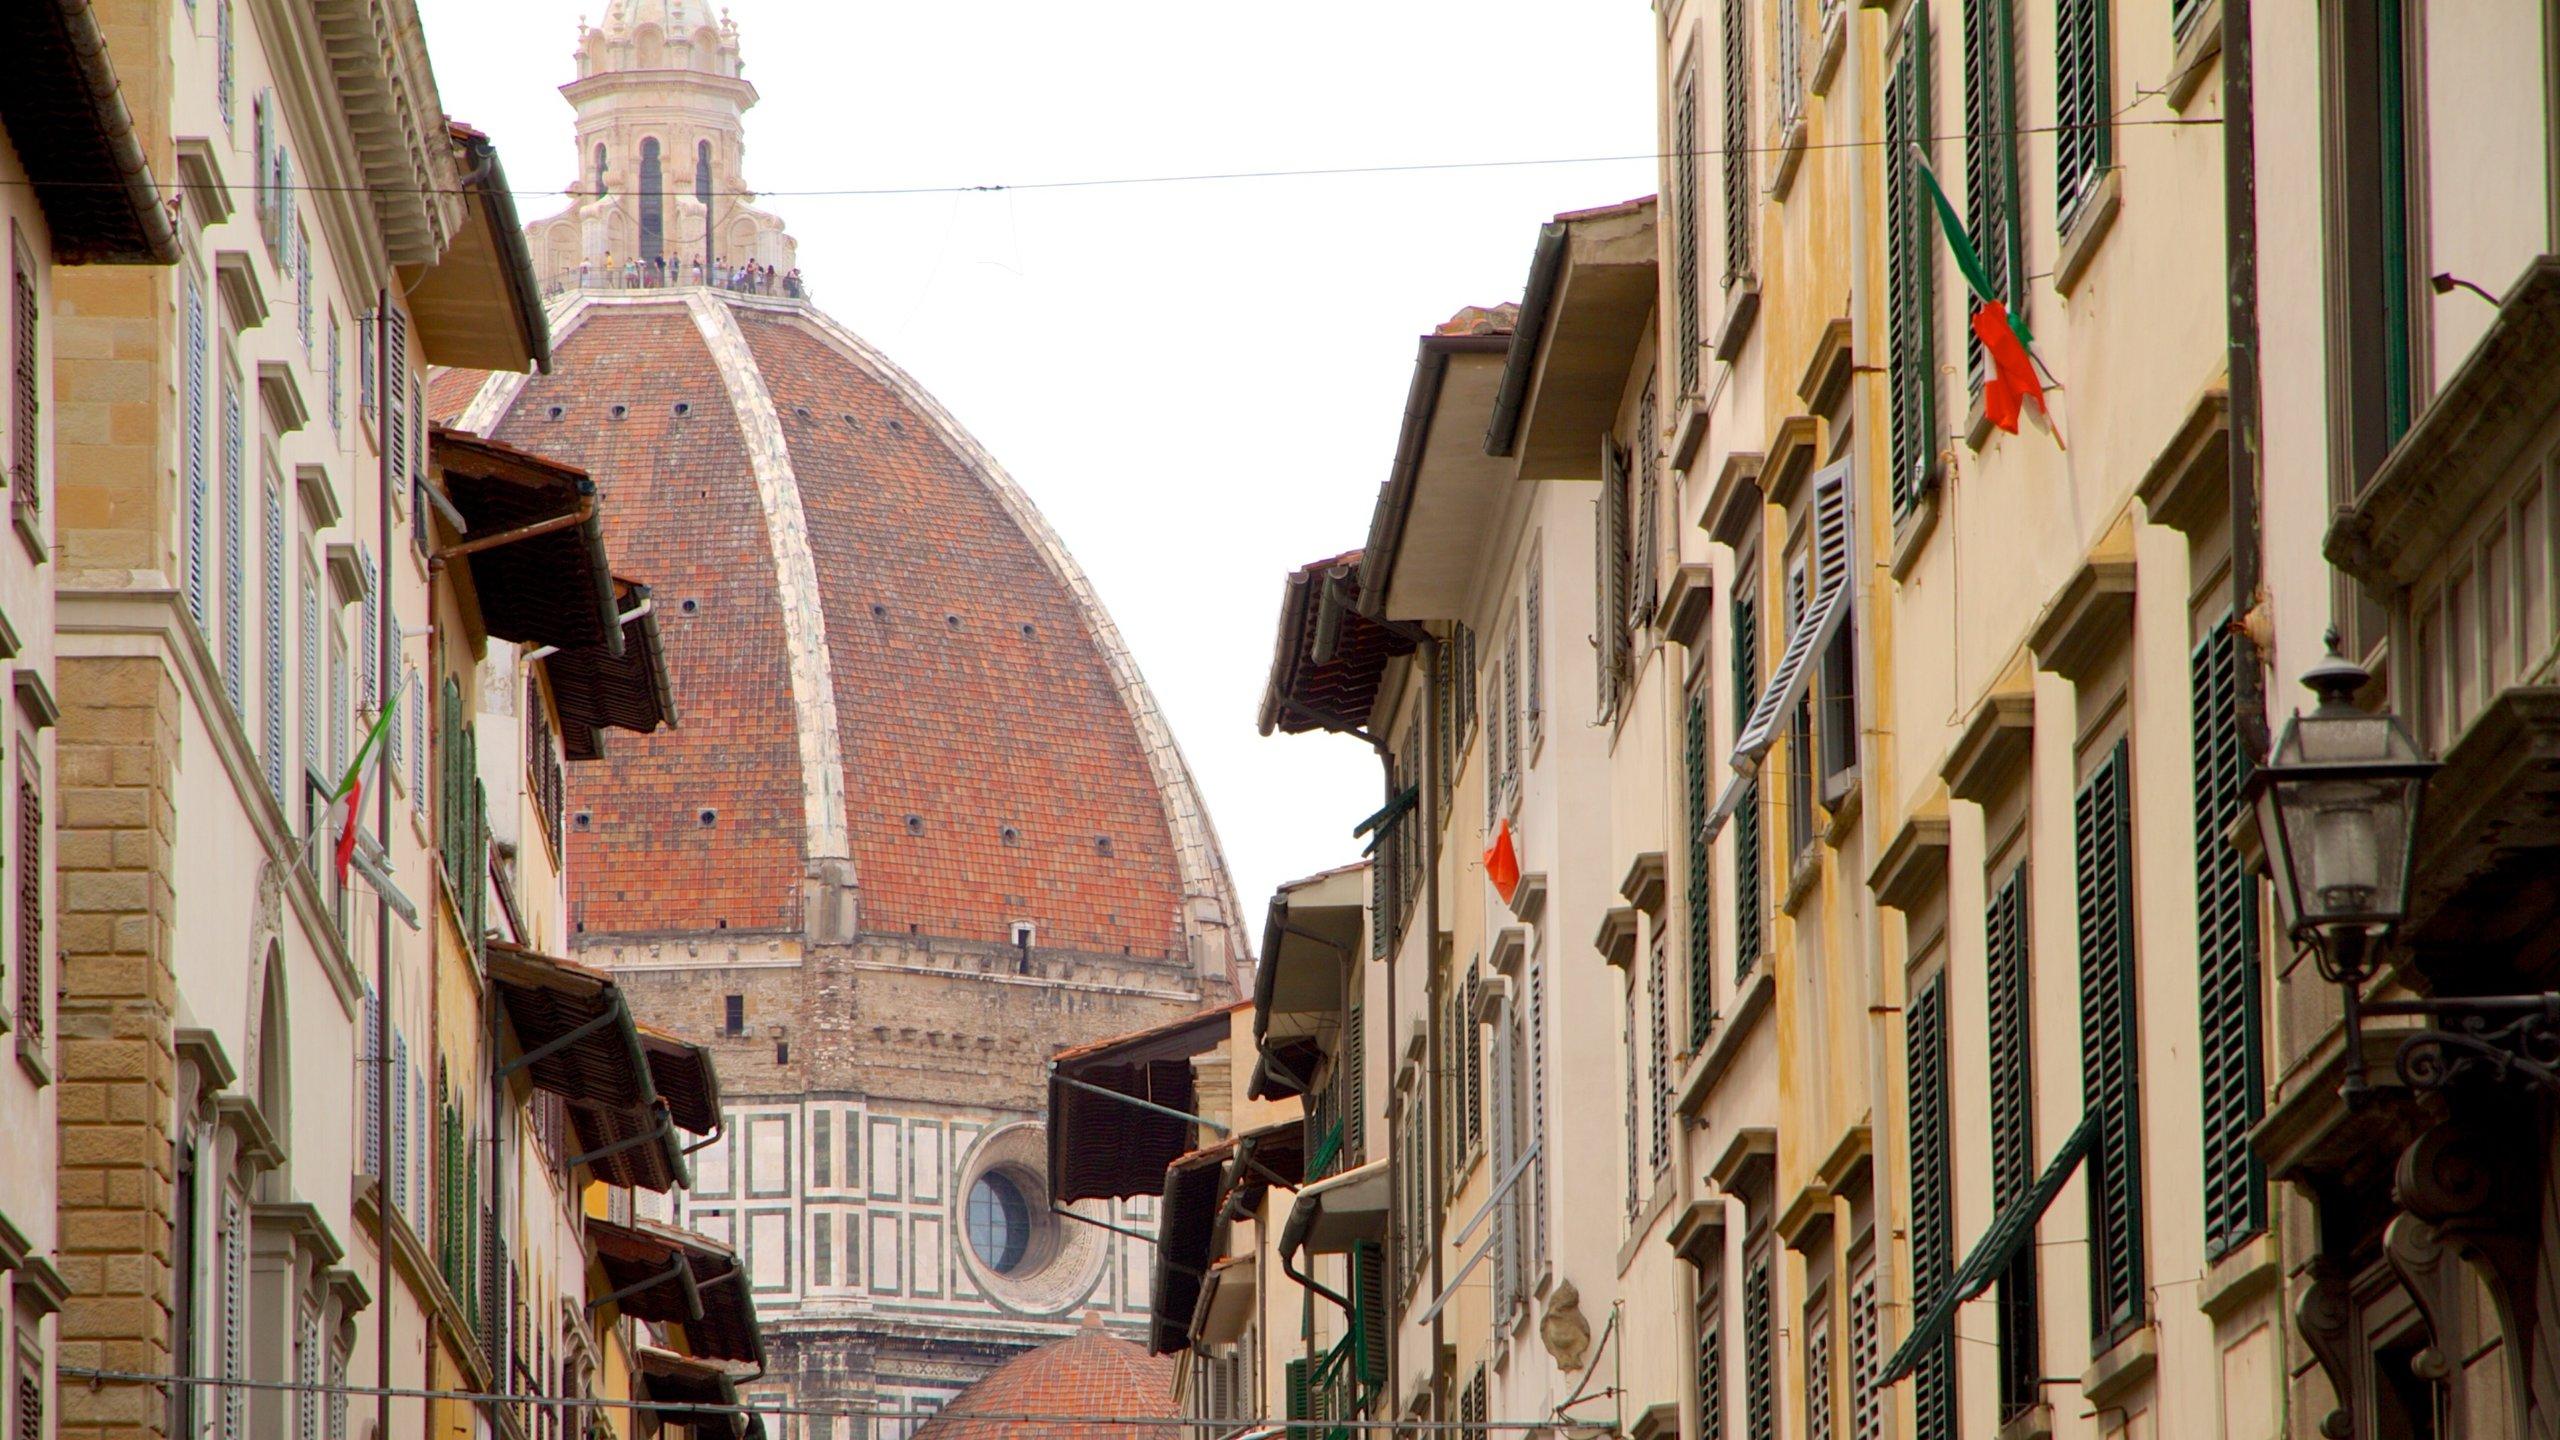 Plaza de la Santissima Annunziata, Florencia, Toscana, Italia